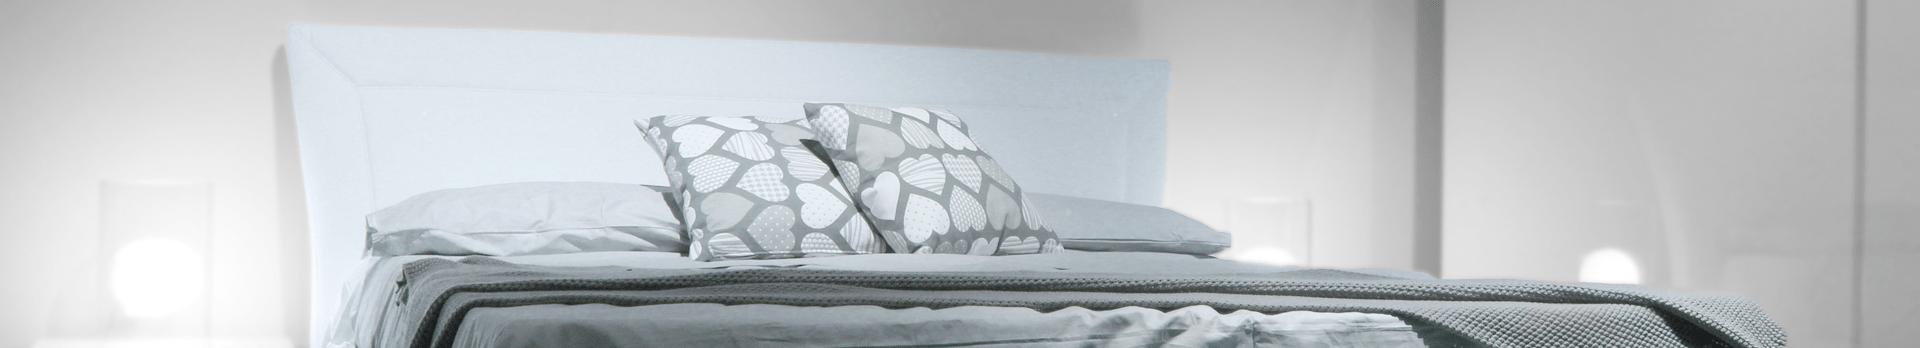 Colchonería y Descanso | Productos de descanso | Mobelfy ®